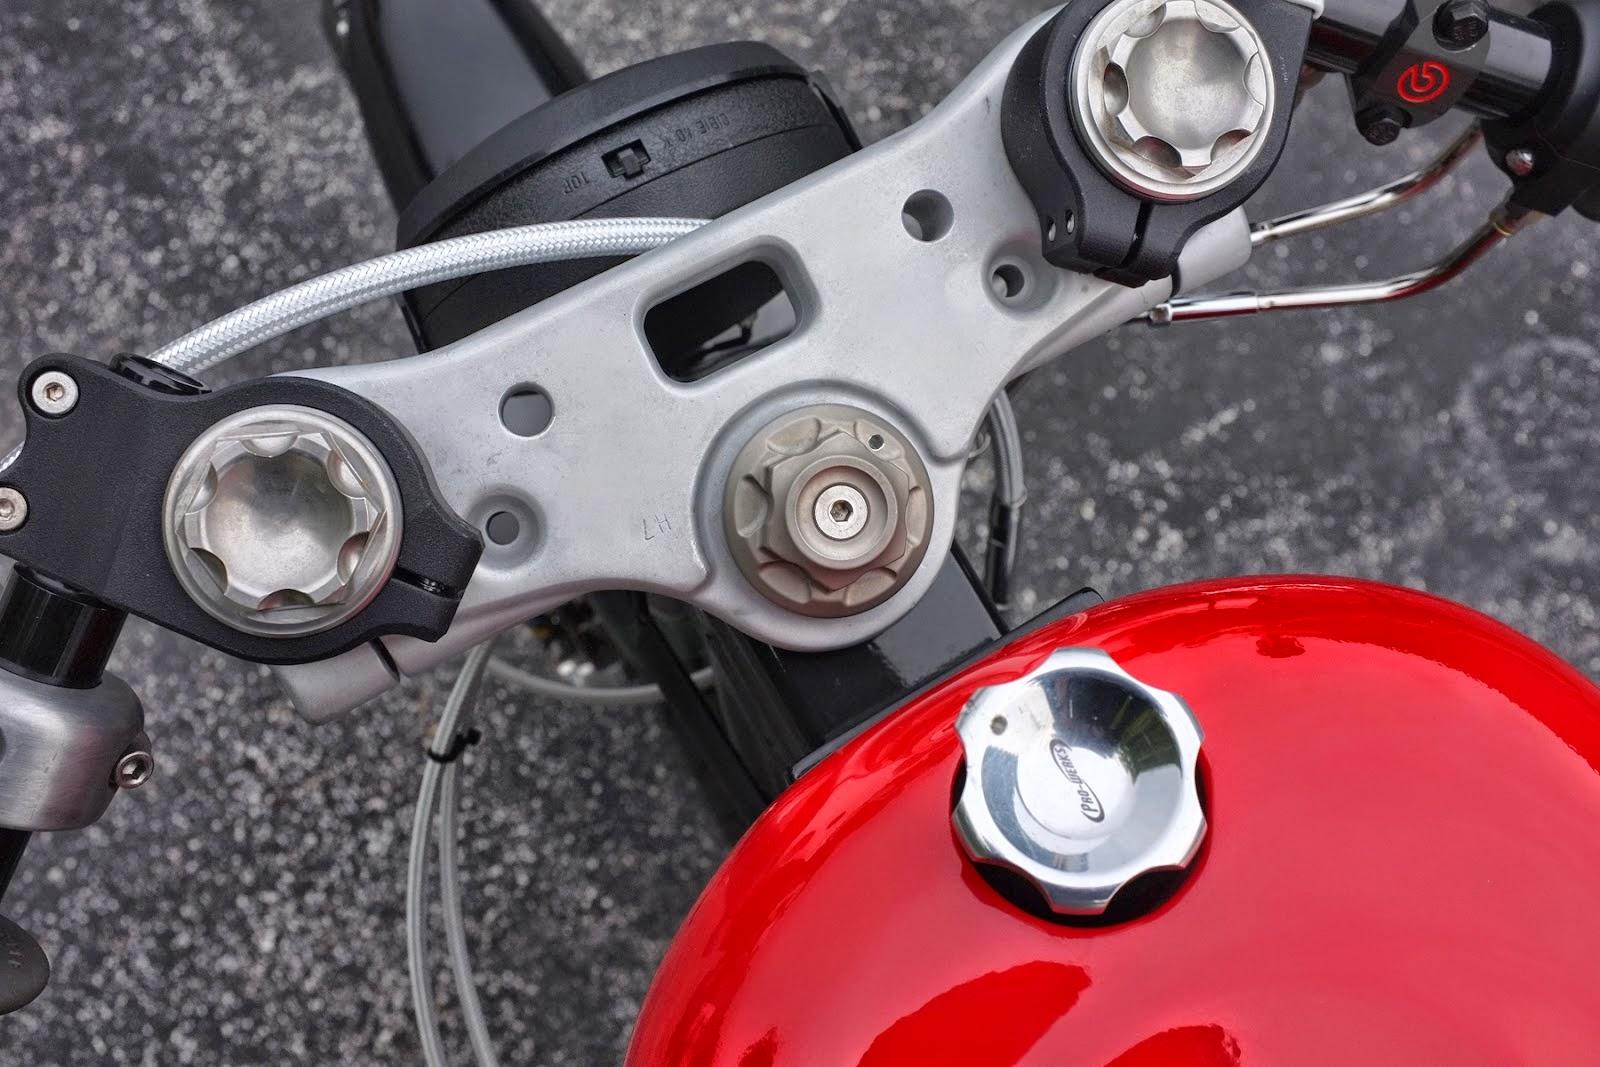 Harley FXR Clip On Handlebars